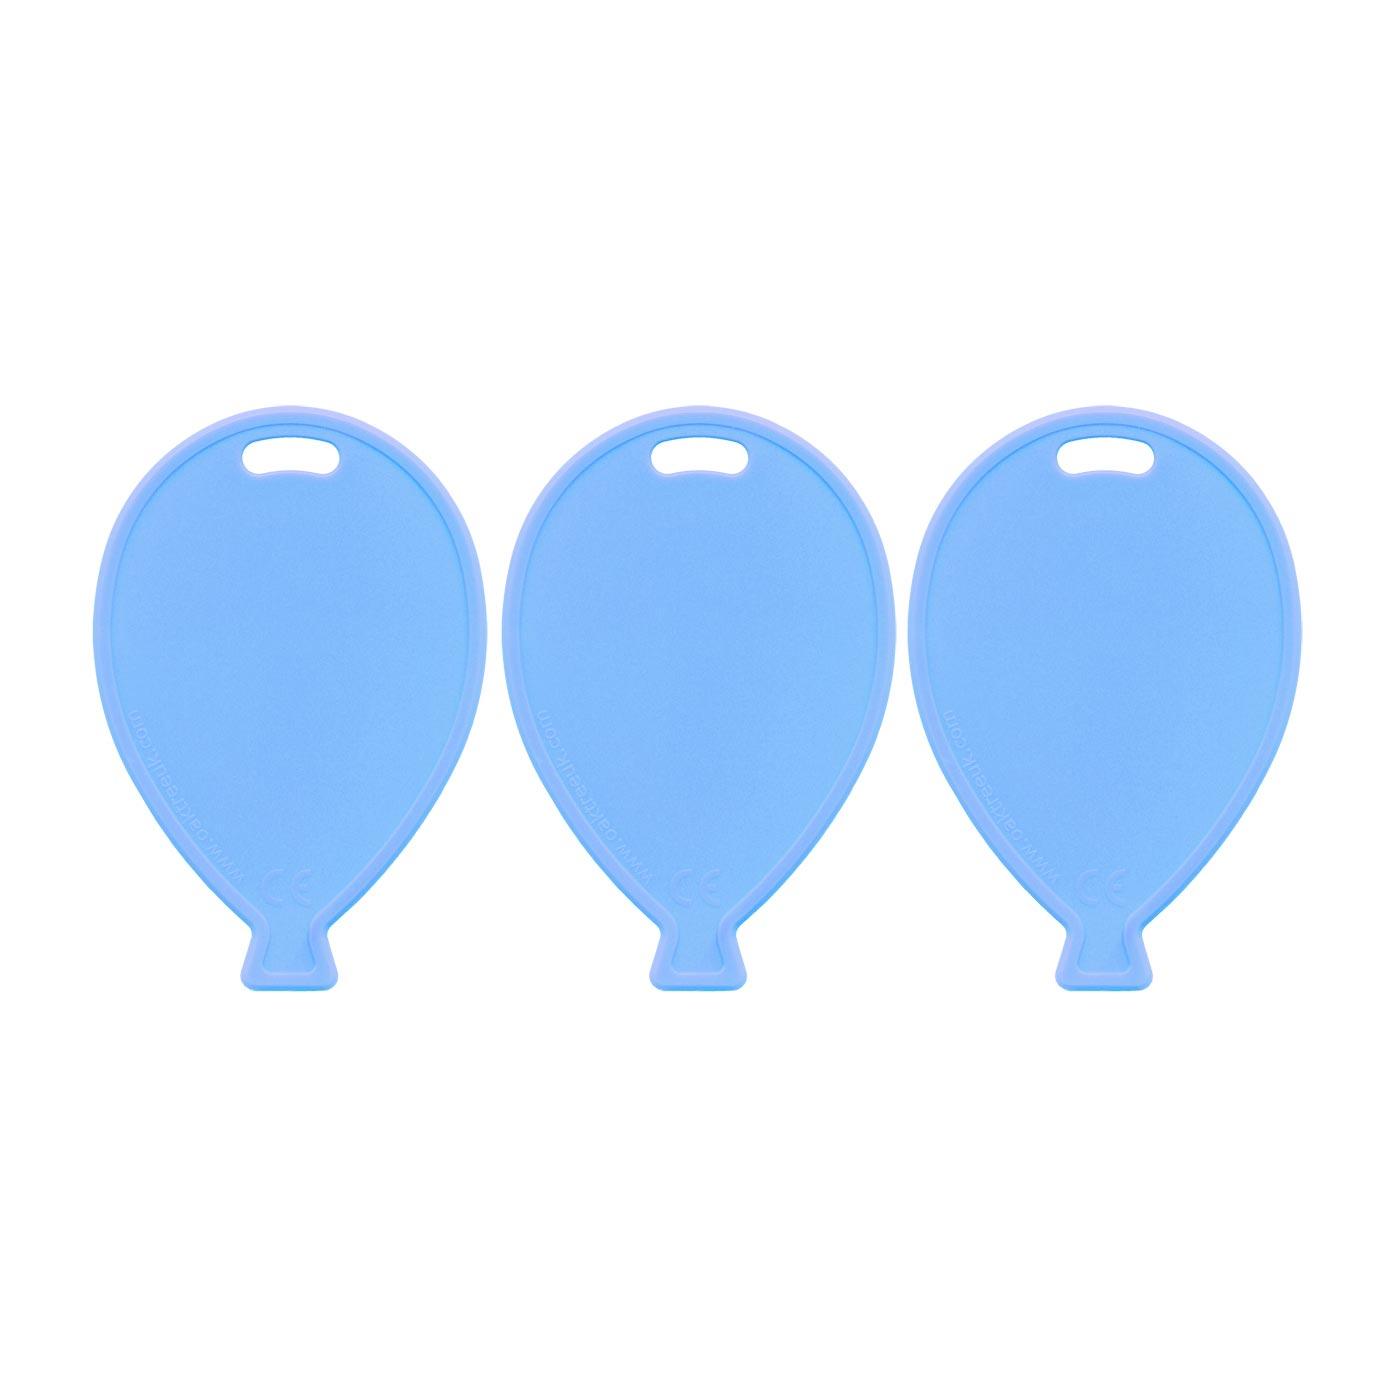 Light Blue Balloon Weights